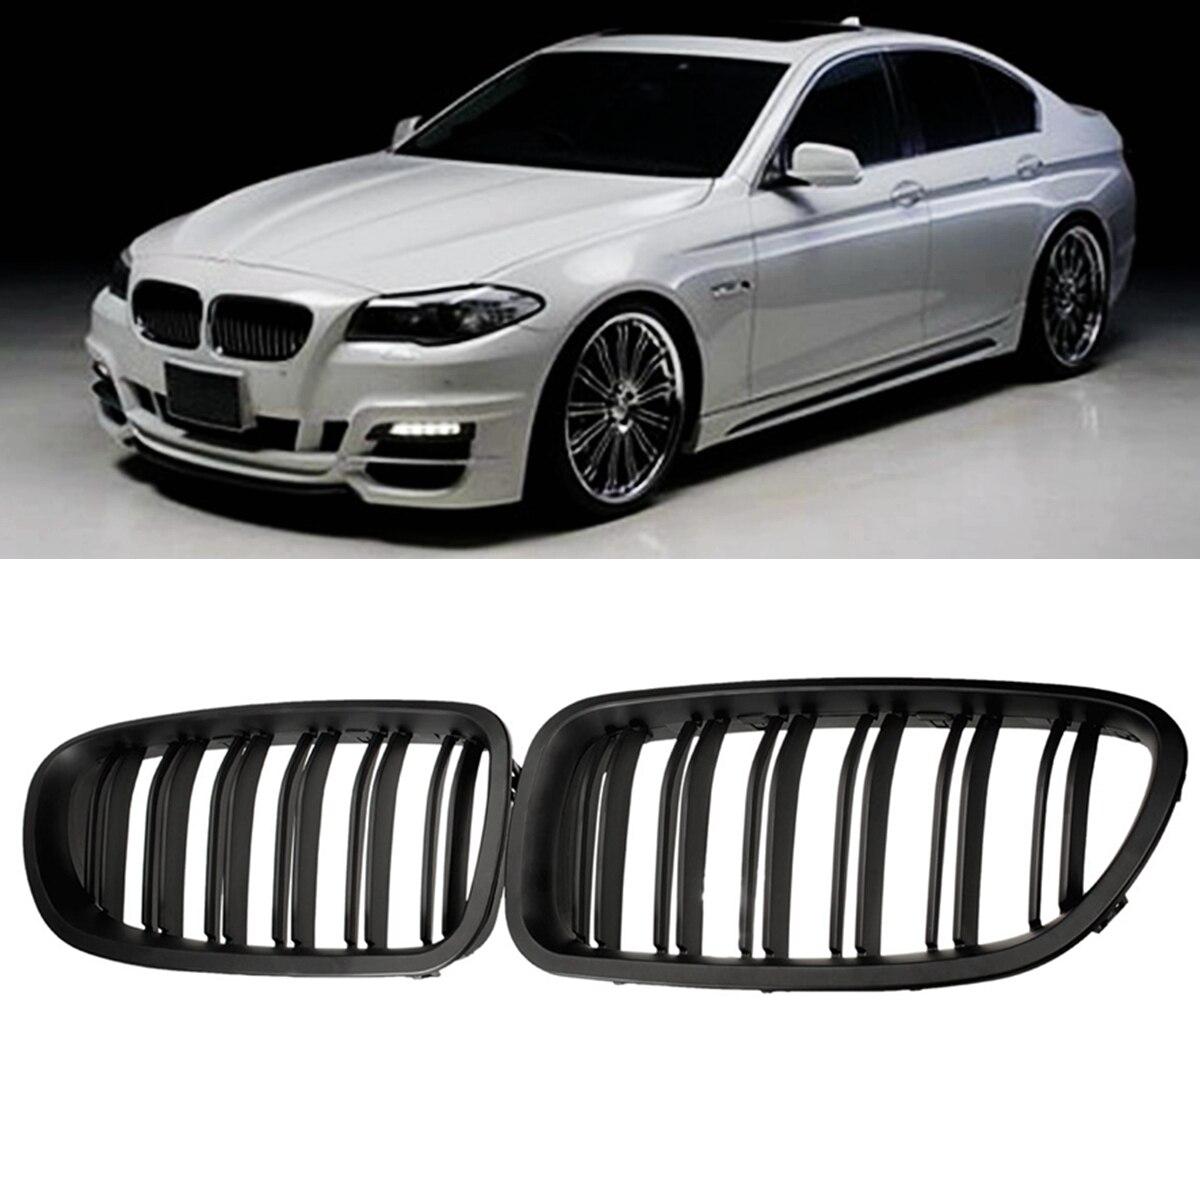 For BMW F10 F18 F02 F11 528i 535i M5 2011 2012 2013 2014